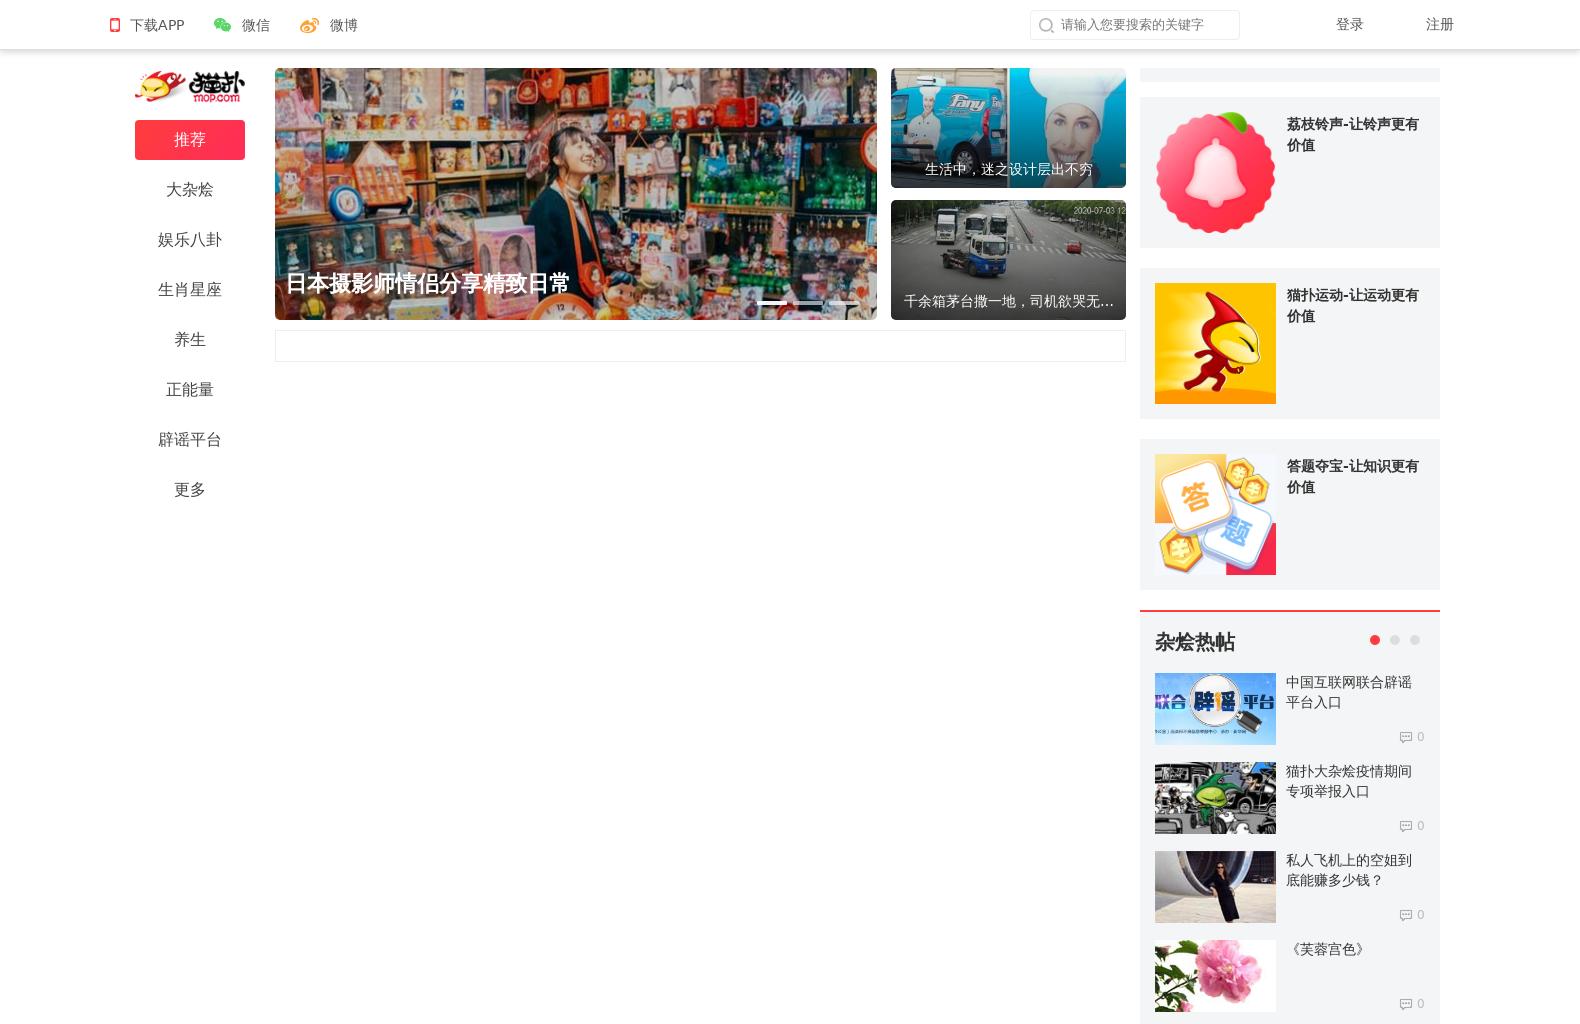 www.mop.com网站截图